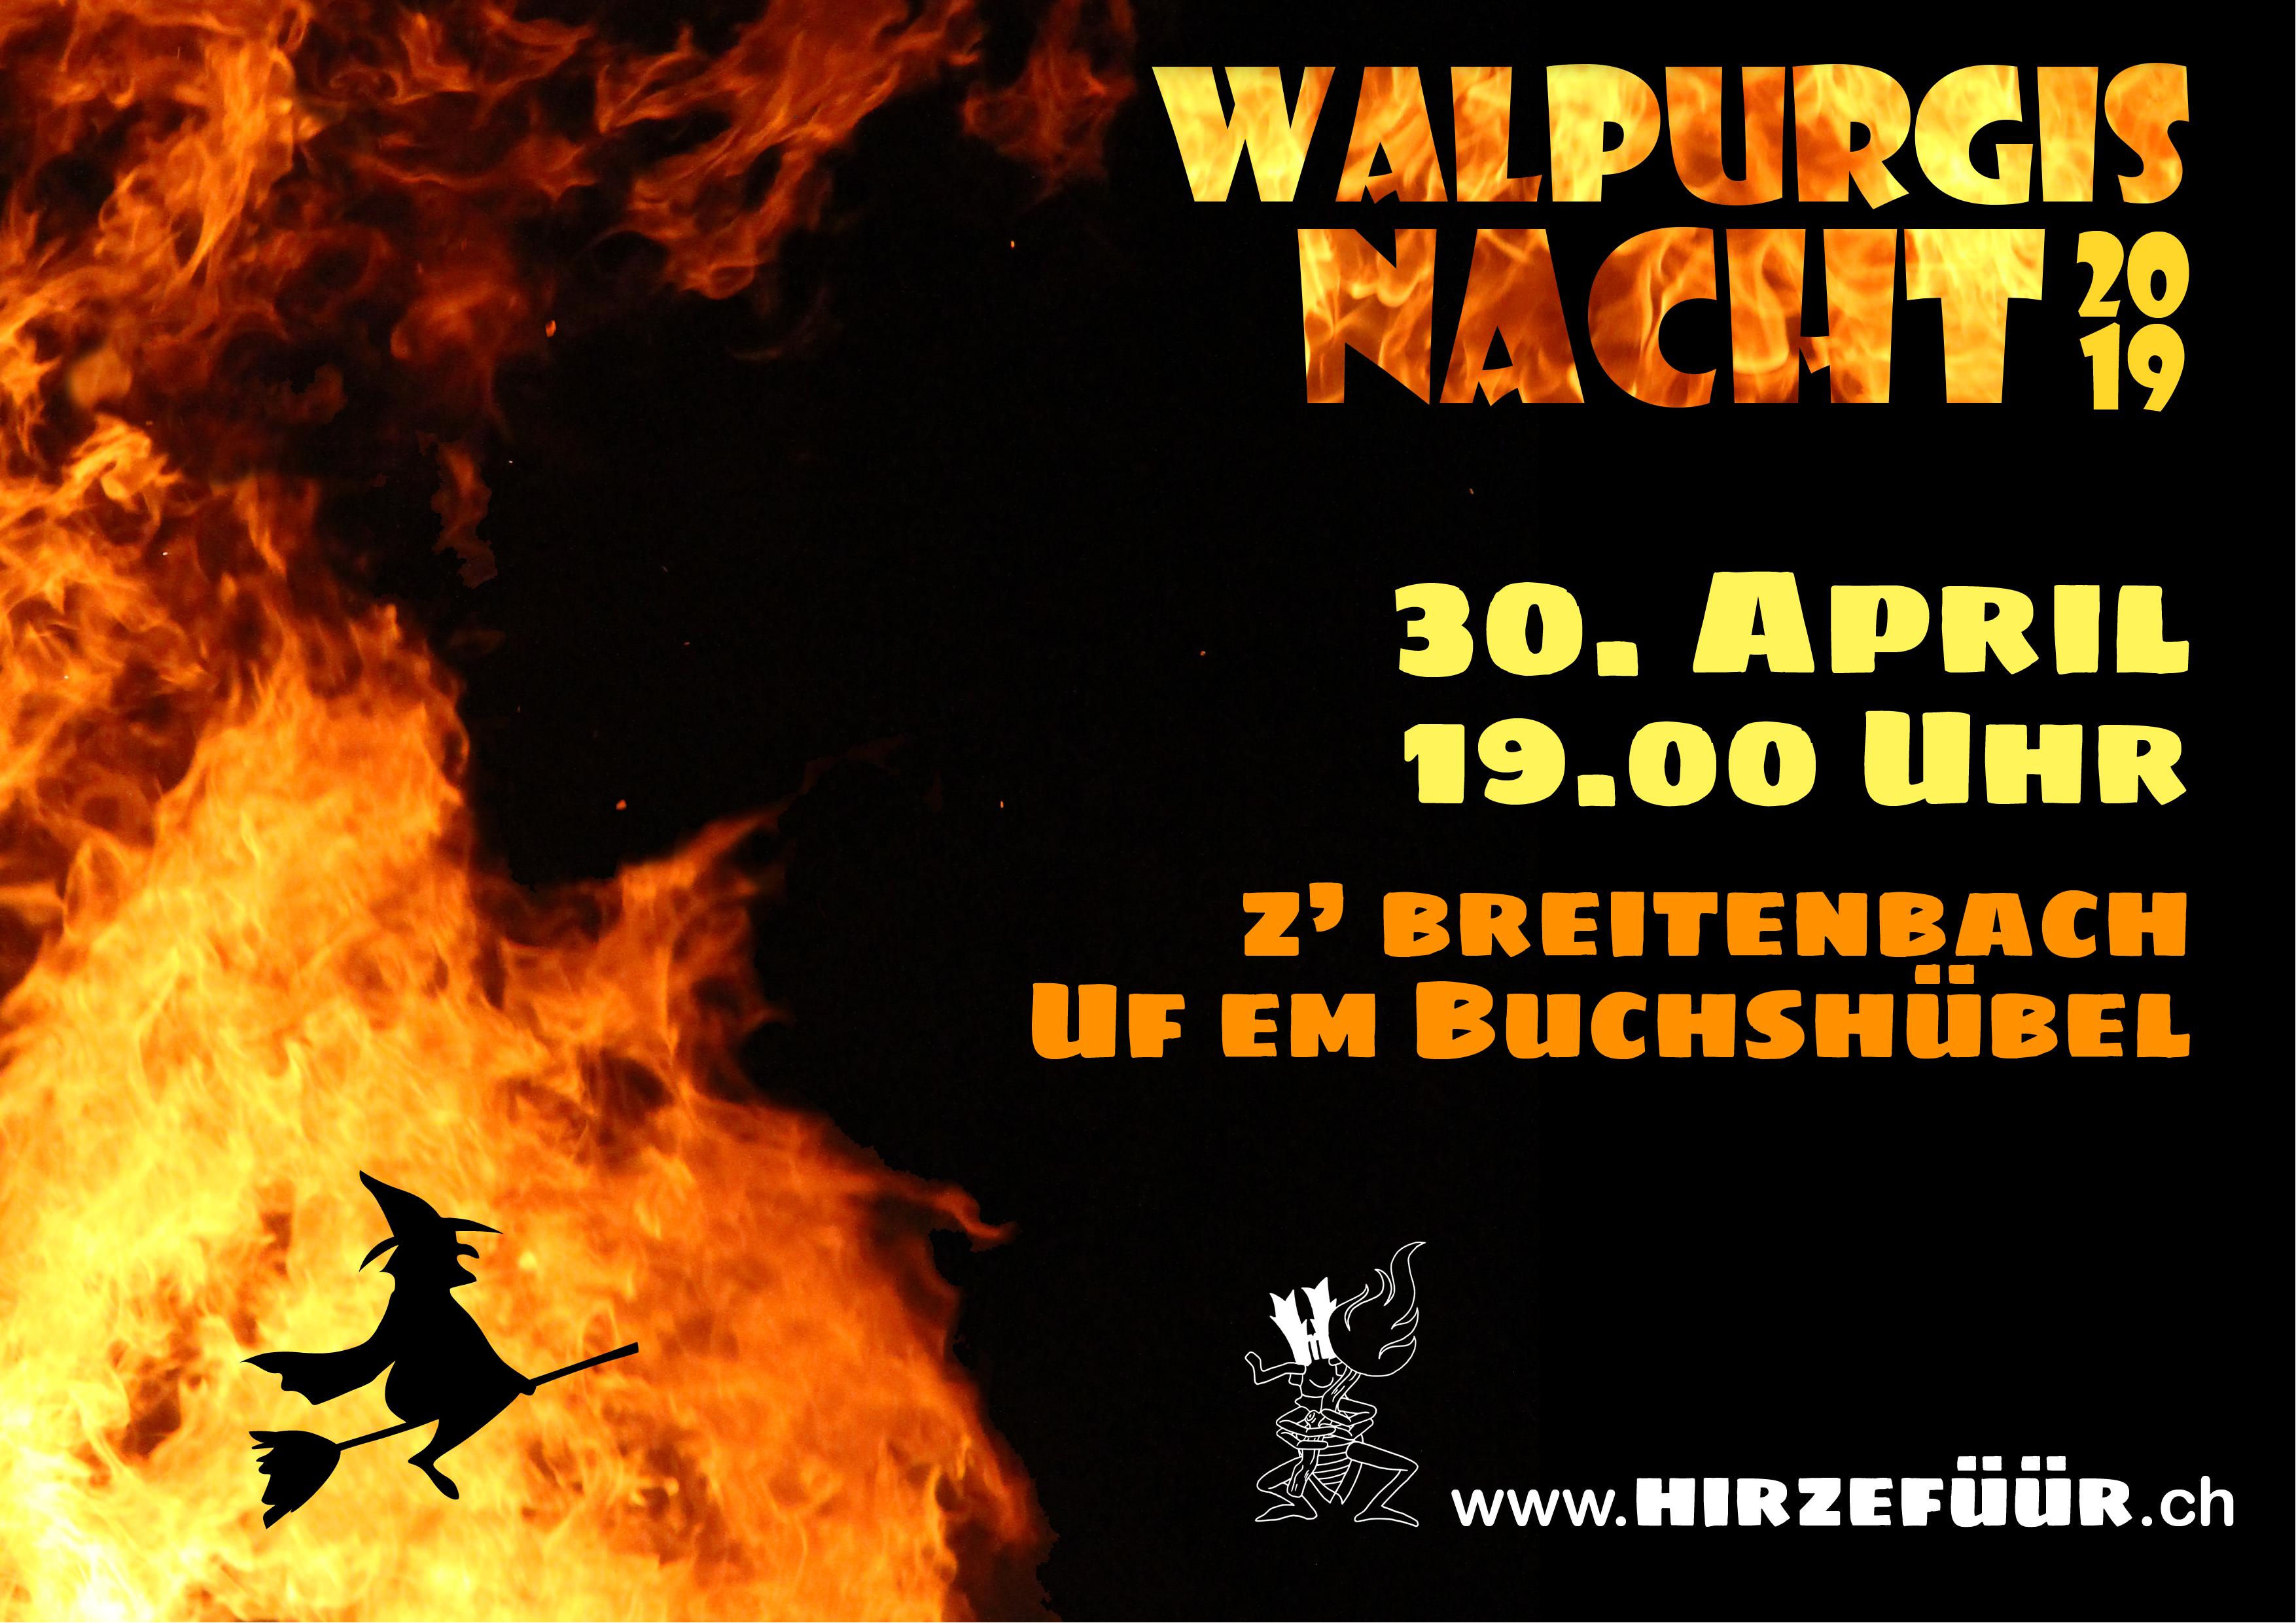 Walpurgisnacht 2019